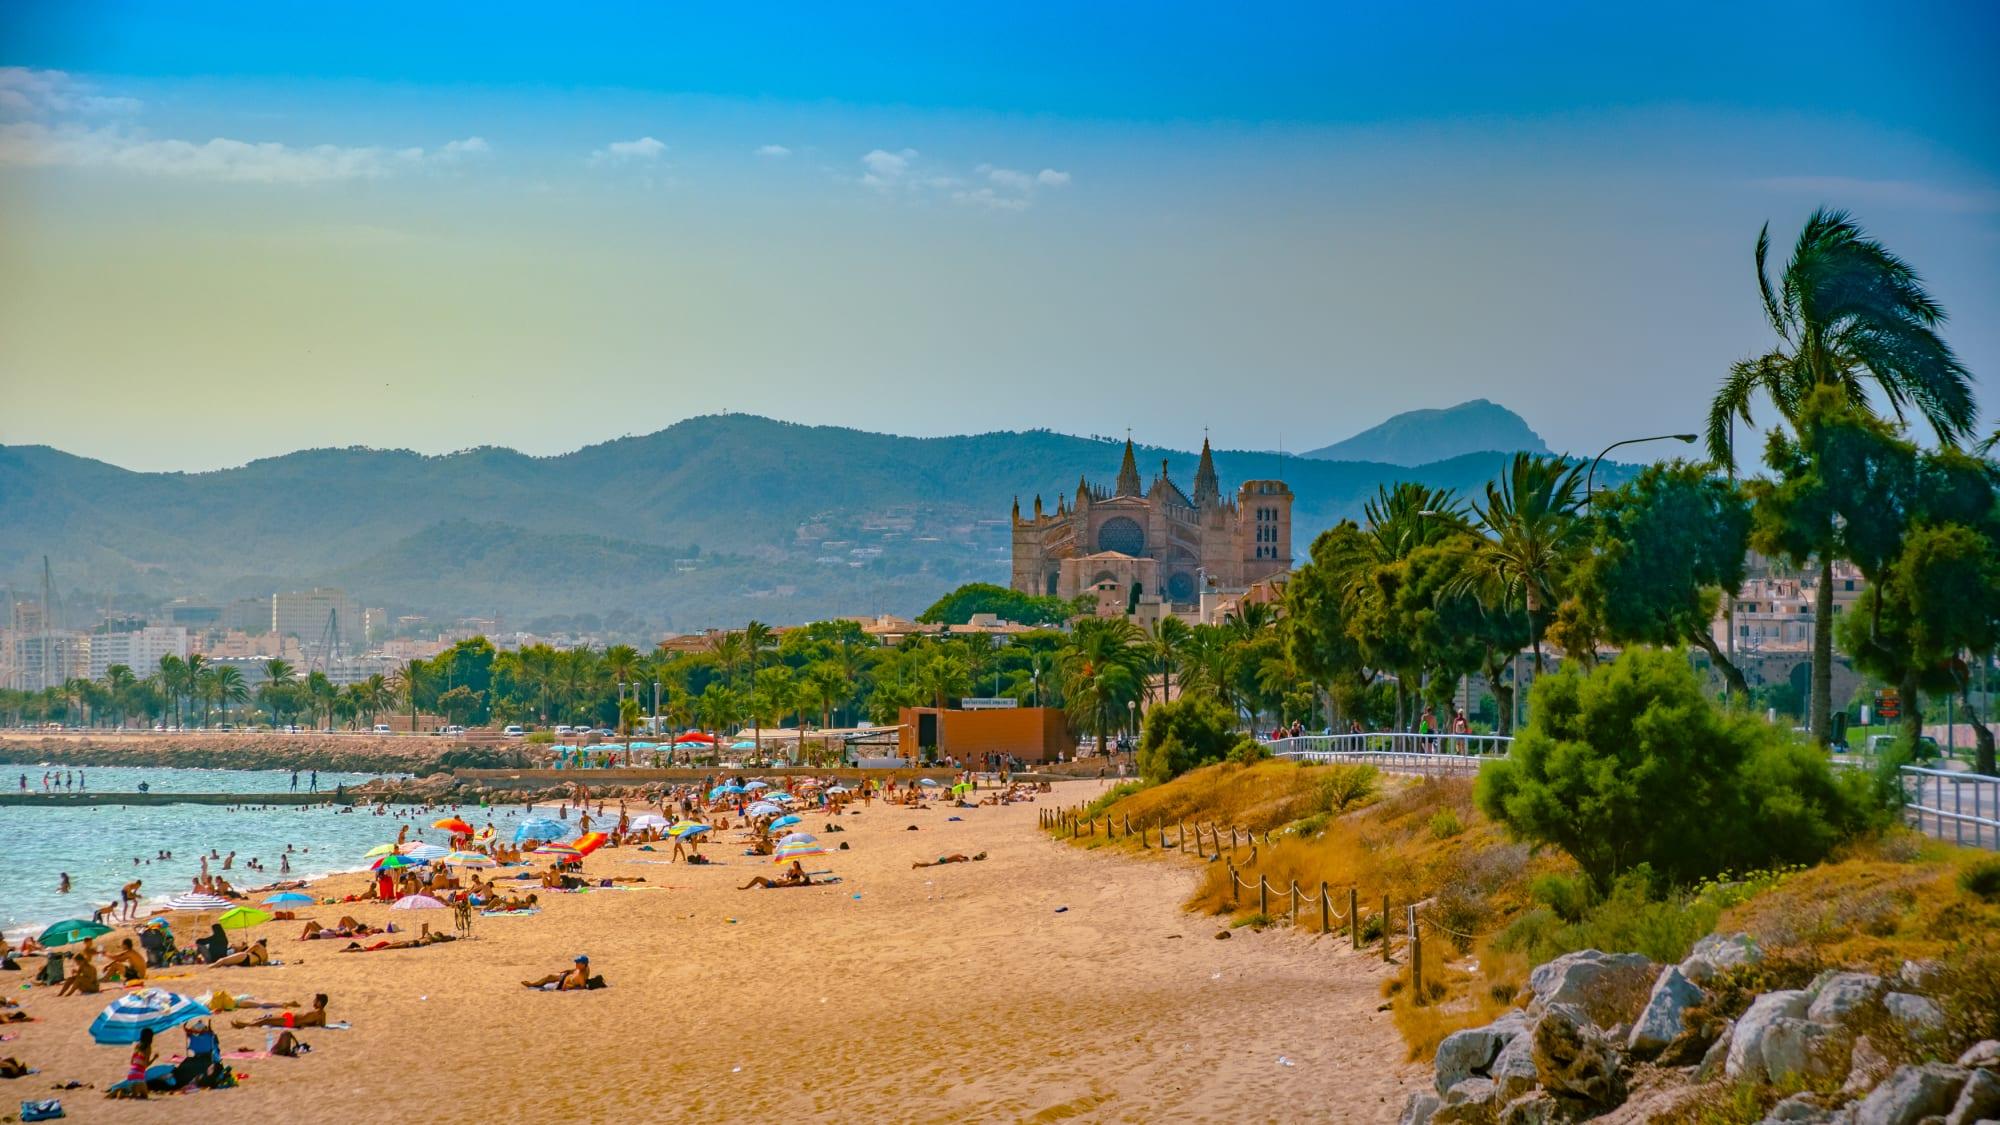 Strand auf Mallorca mit Palma und der Kathedrale im Hintergrund